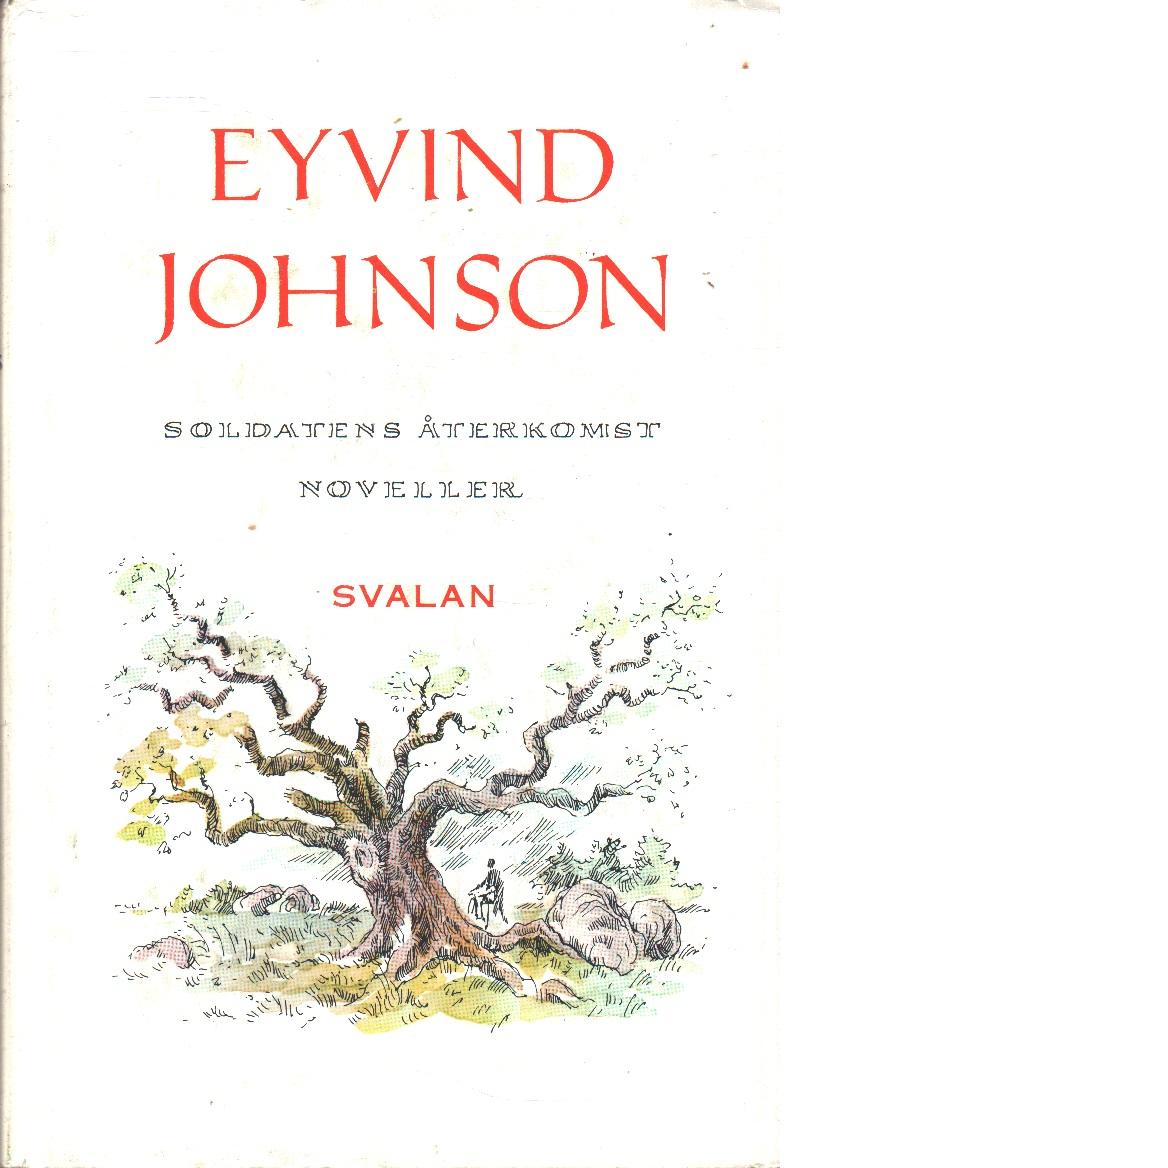 Eyvind Johnson Soldatens återkomst, noveller - Johnson, Eyvind